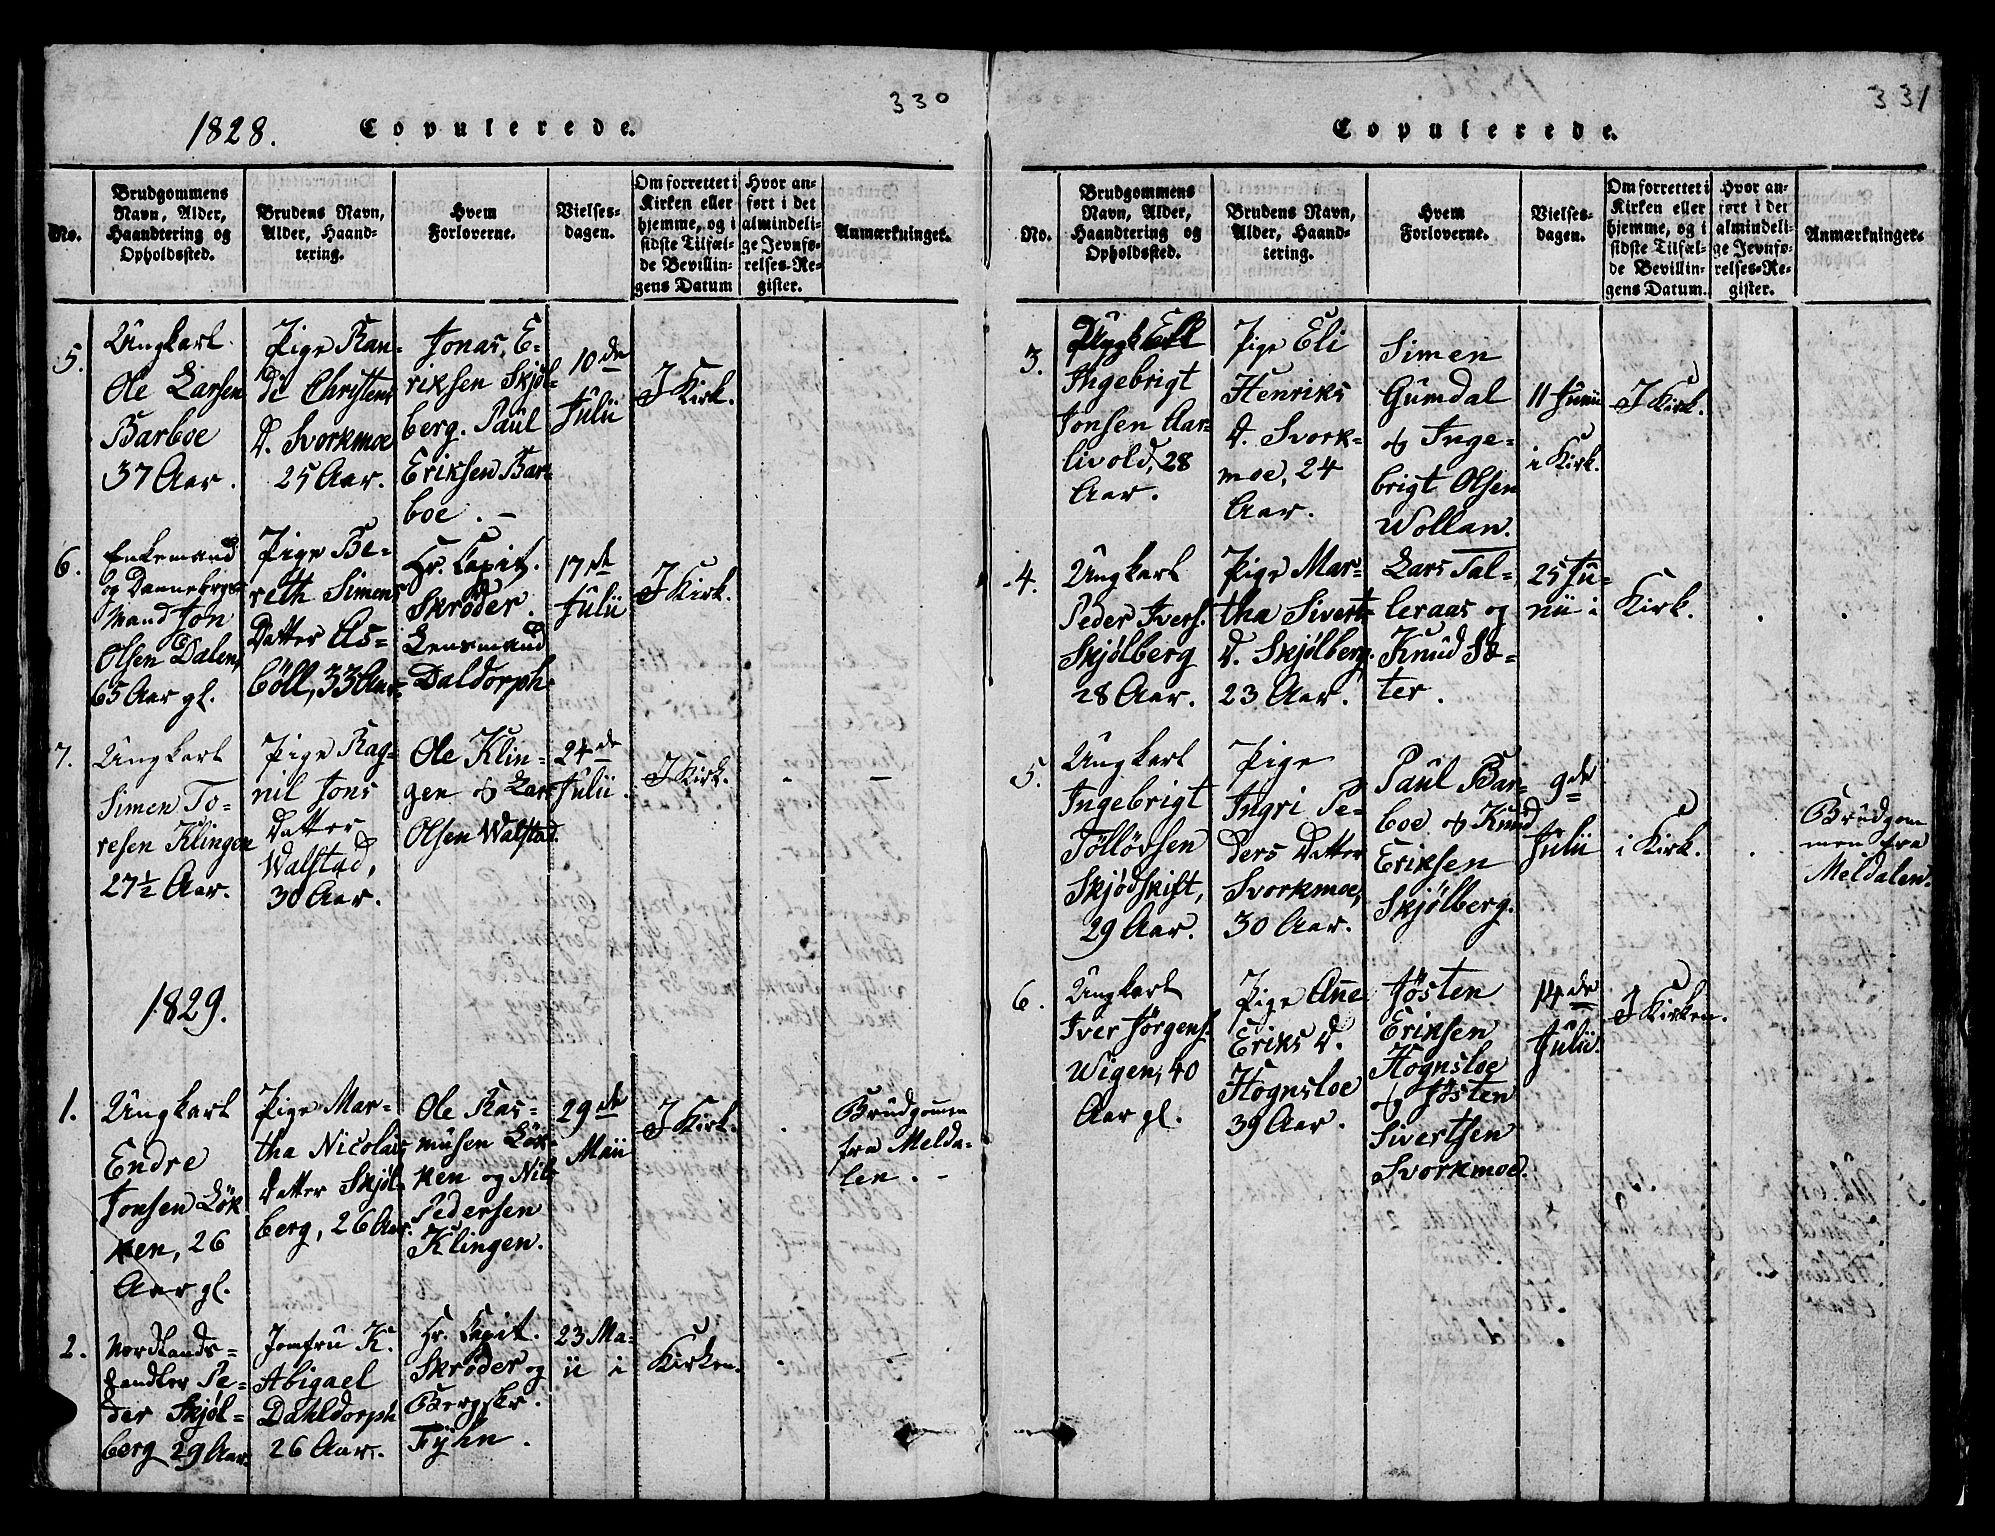 SAT, Ministerialprotokoller, klokkerbøker og fødselsregistre - Sør-Trøndelag, 671/L0842: Klokkerbok nr. 671C01, 1816-1867, s. 330-331